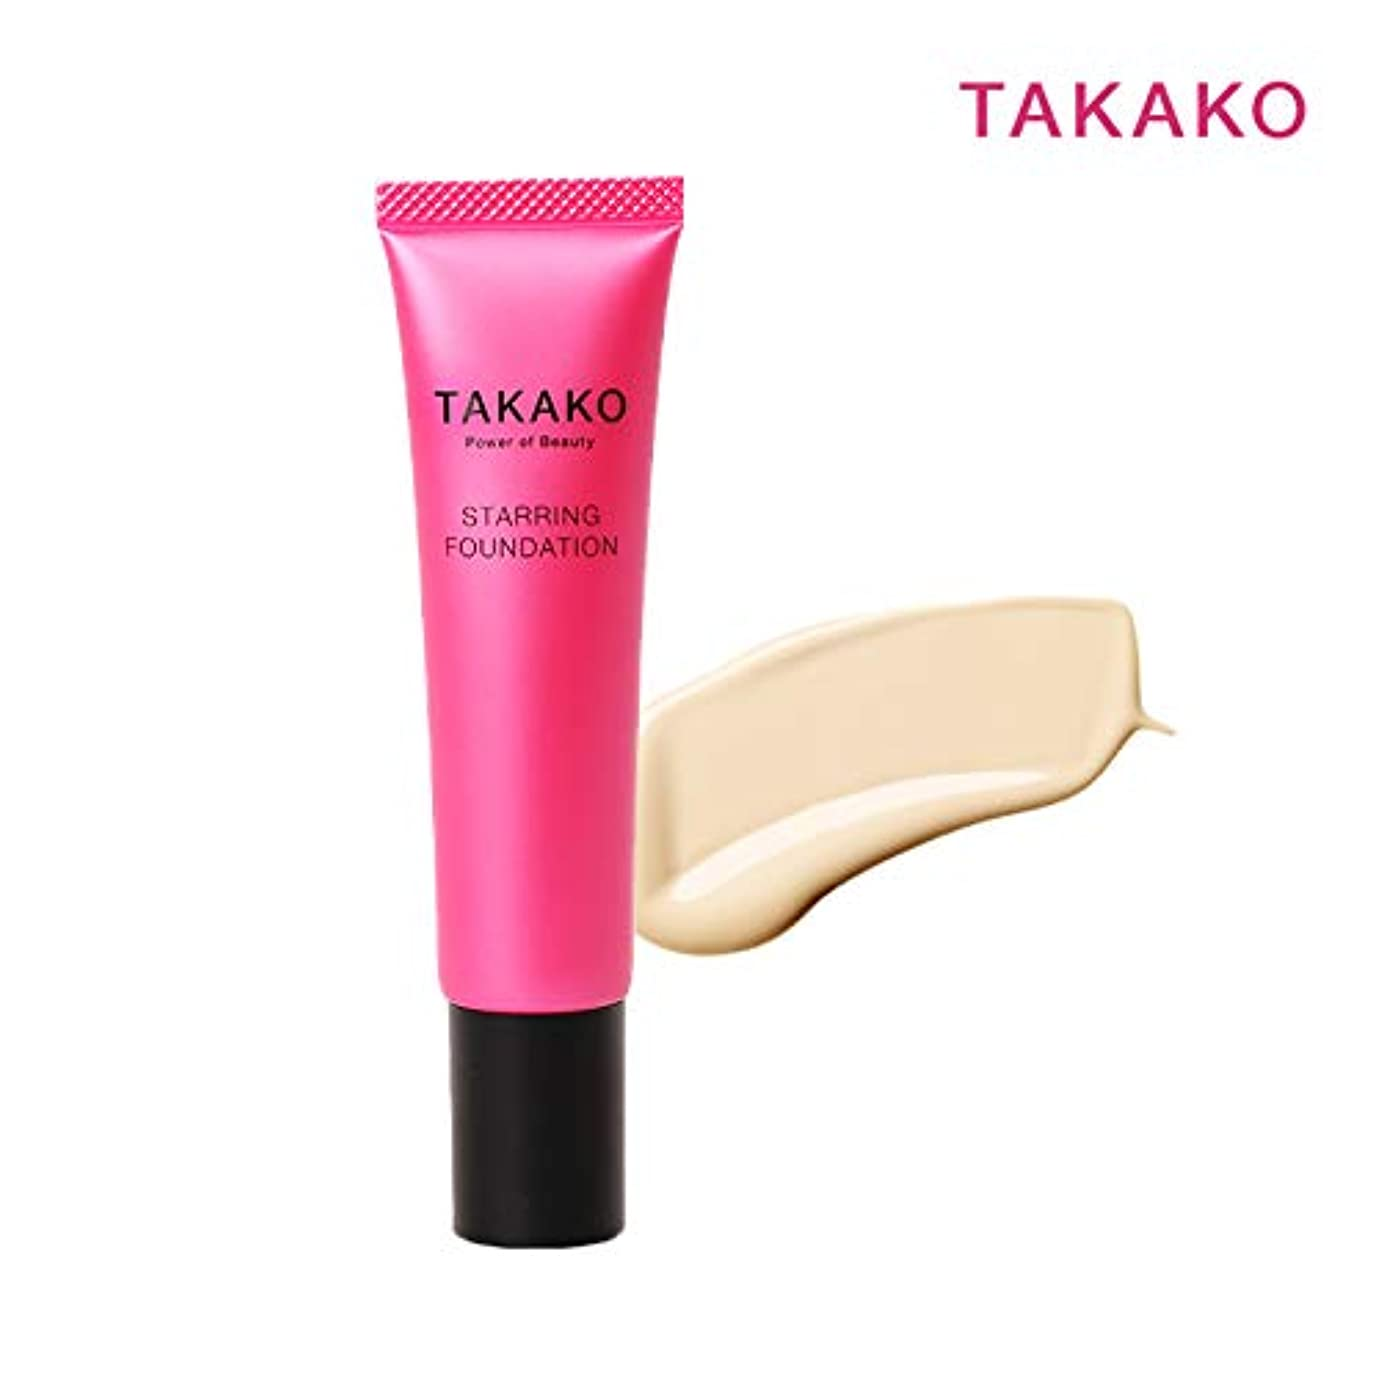 マチュピチュ修理工贈り物TAKAKO スターリングファンデーション リキッドファンデーション SPF20 PA++ 30g【タカコ コスメ】TAKAKO Power of Beauty STARRING FOUNDATION